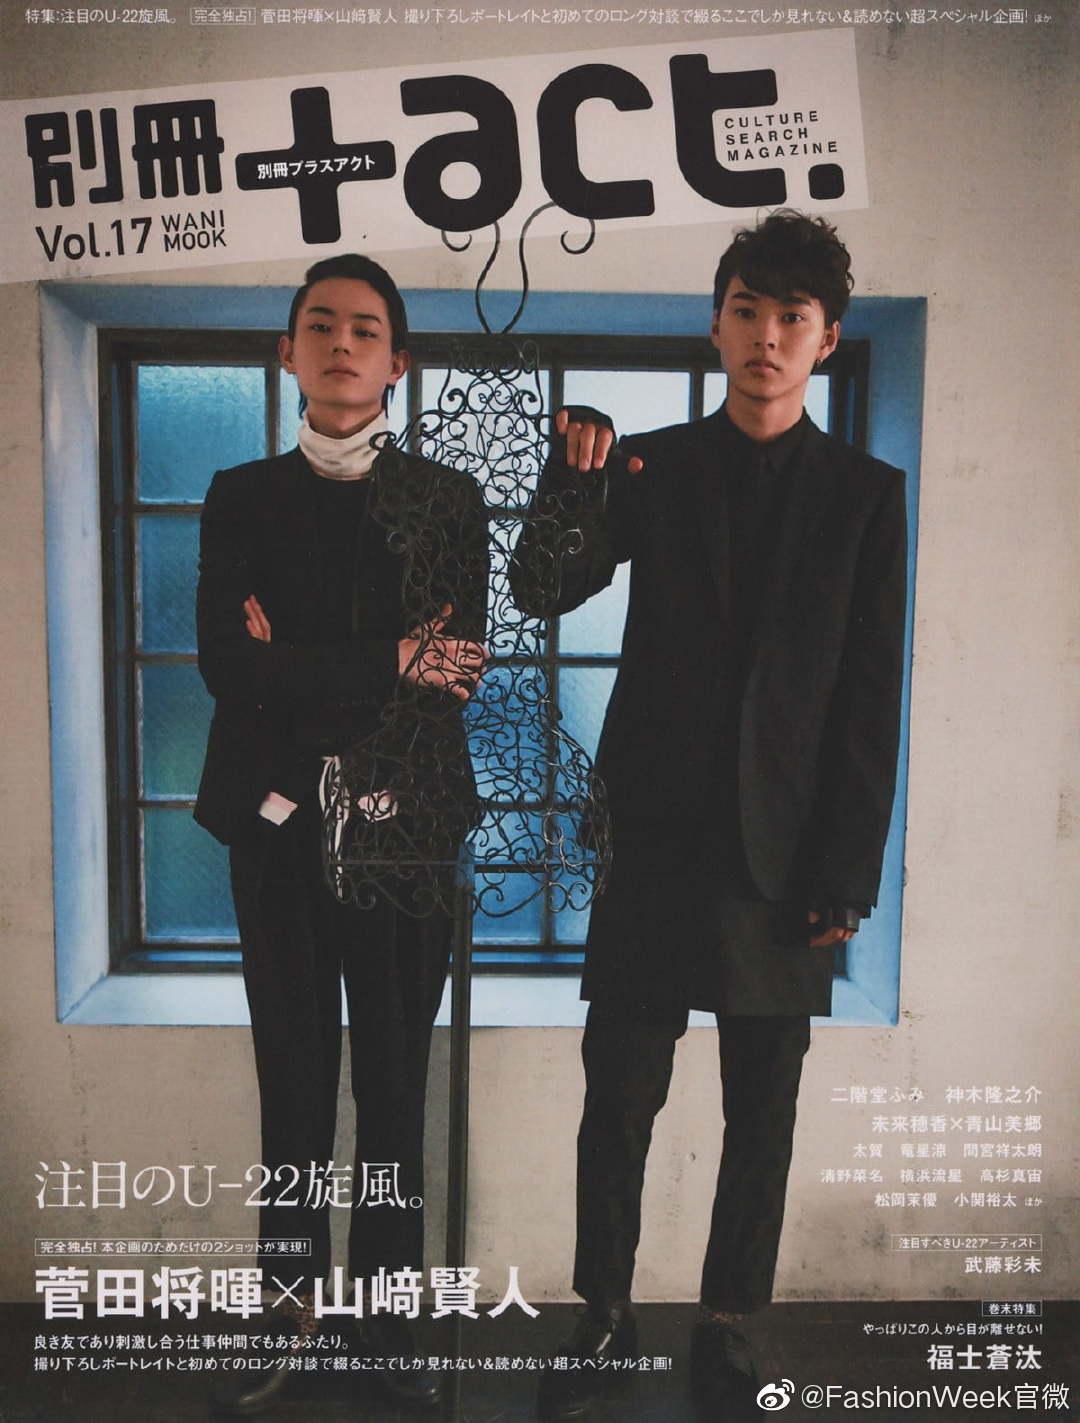 菅田将晖 & 山崎贤人 x 别册+act | 这一对太太太太好磕了!!!